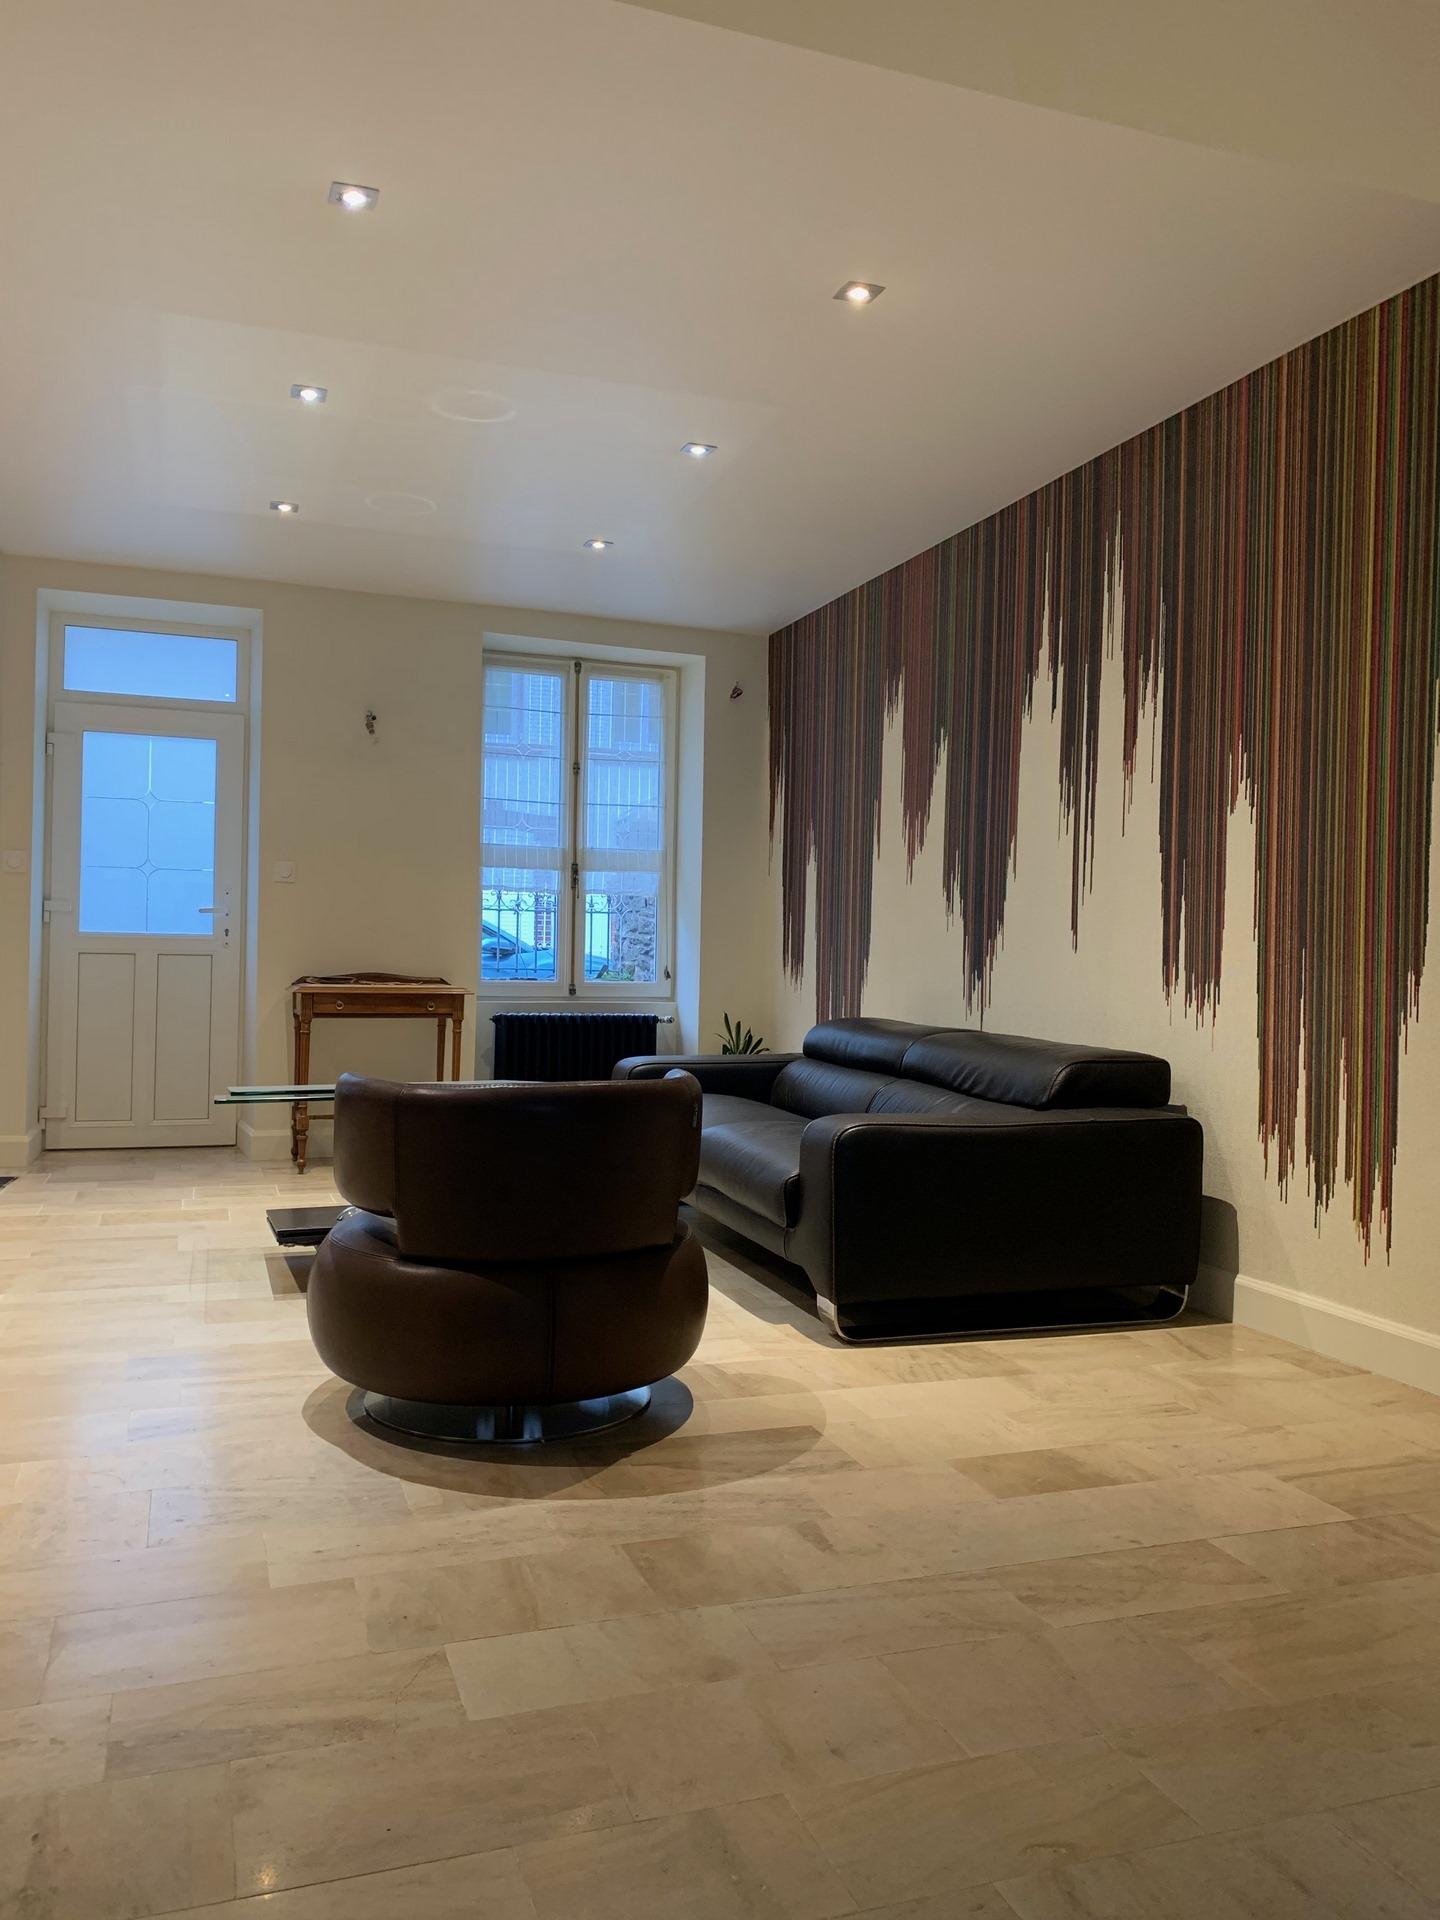 AD-COLOR-peinture-interieure-ch4-1